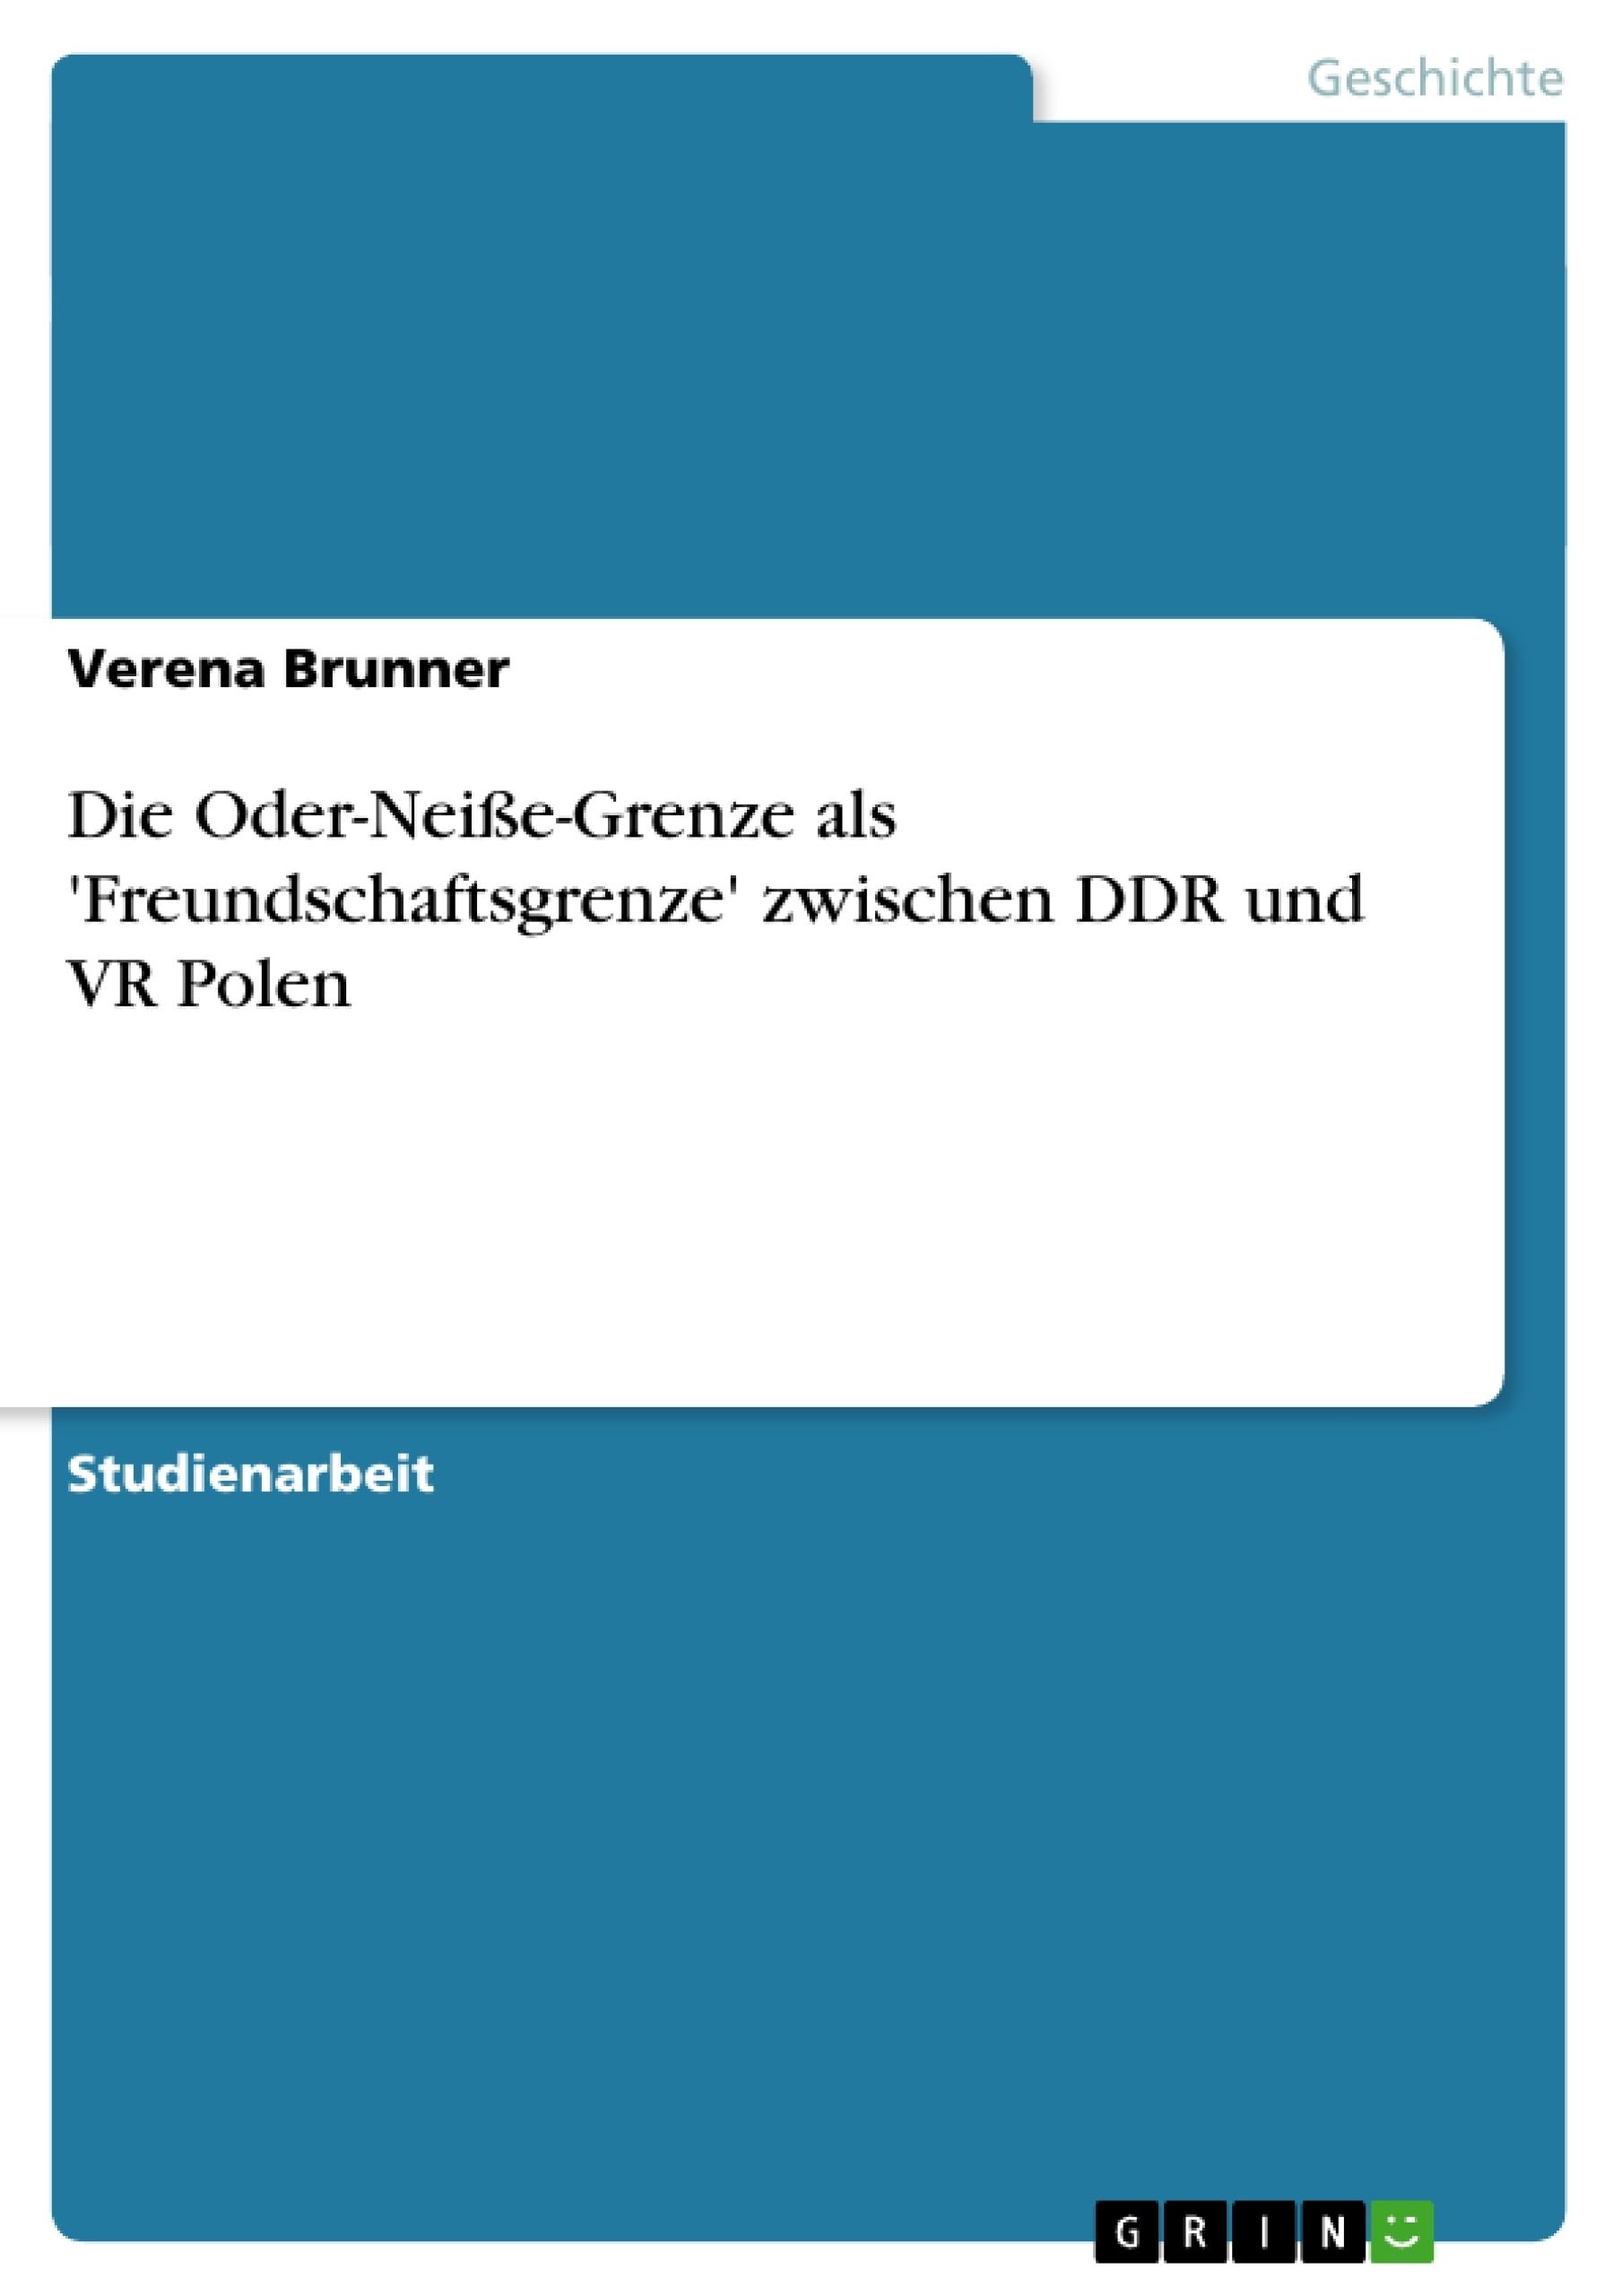 Titel: Die Oder-Neiße-Grenze als 'Freundschaftsgrenze' zwischen DDR und VR Polen